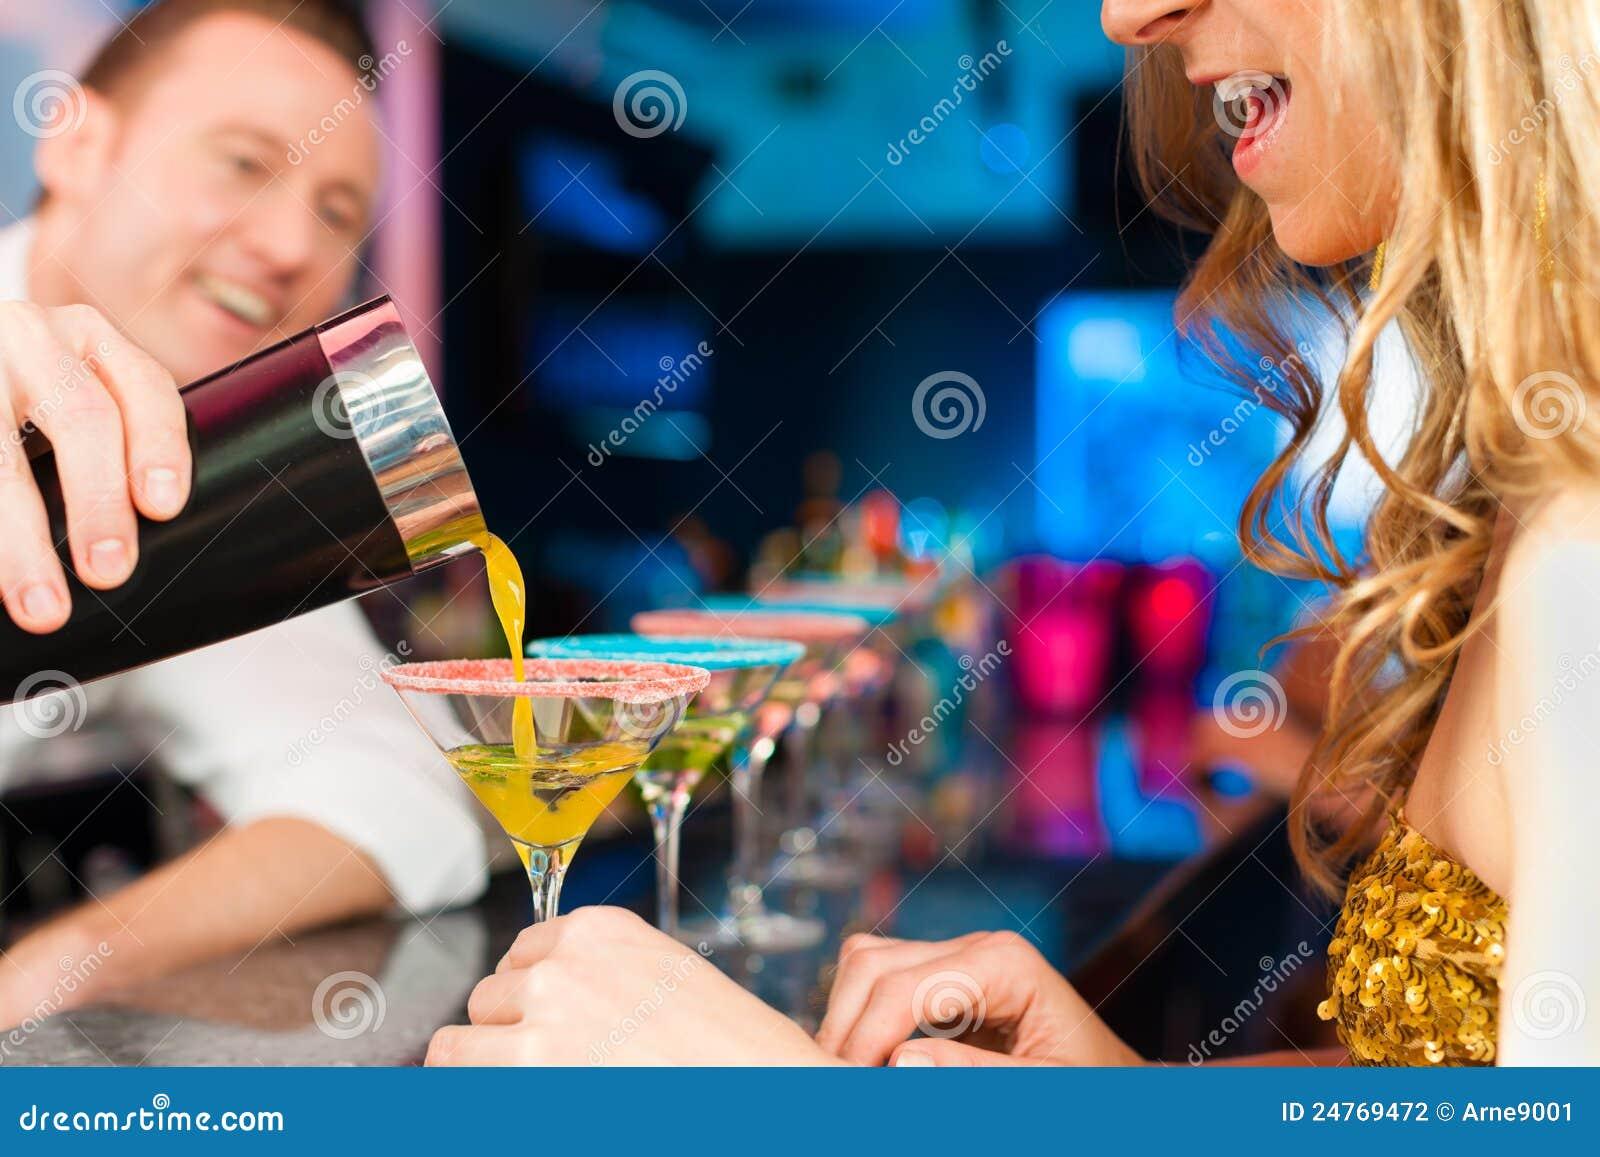 Снял телку в баре, Парень снял телку в баре и трахнул ее дома порно видео 24 фотография